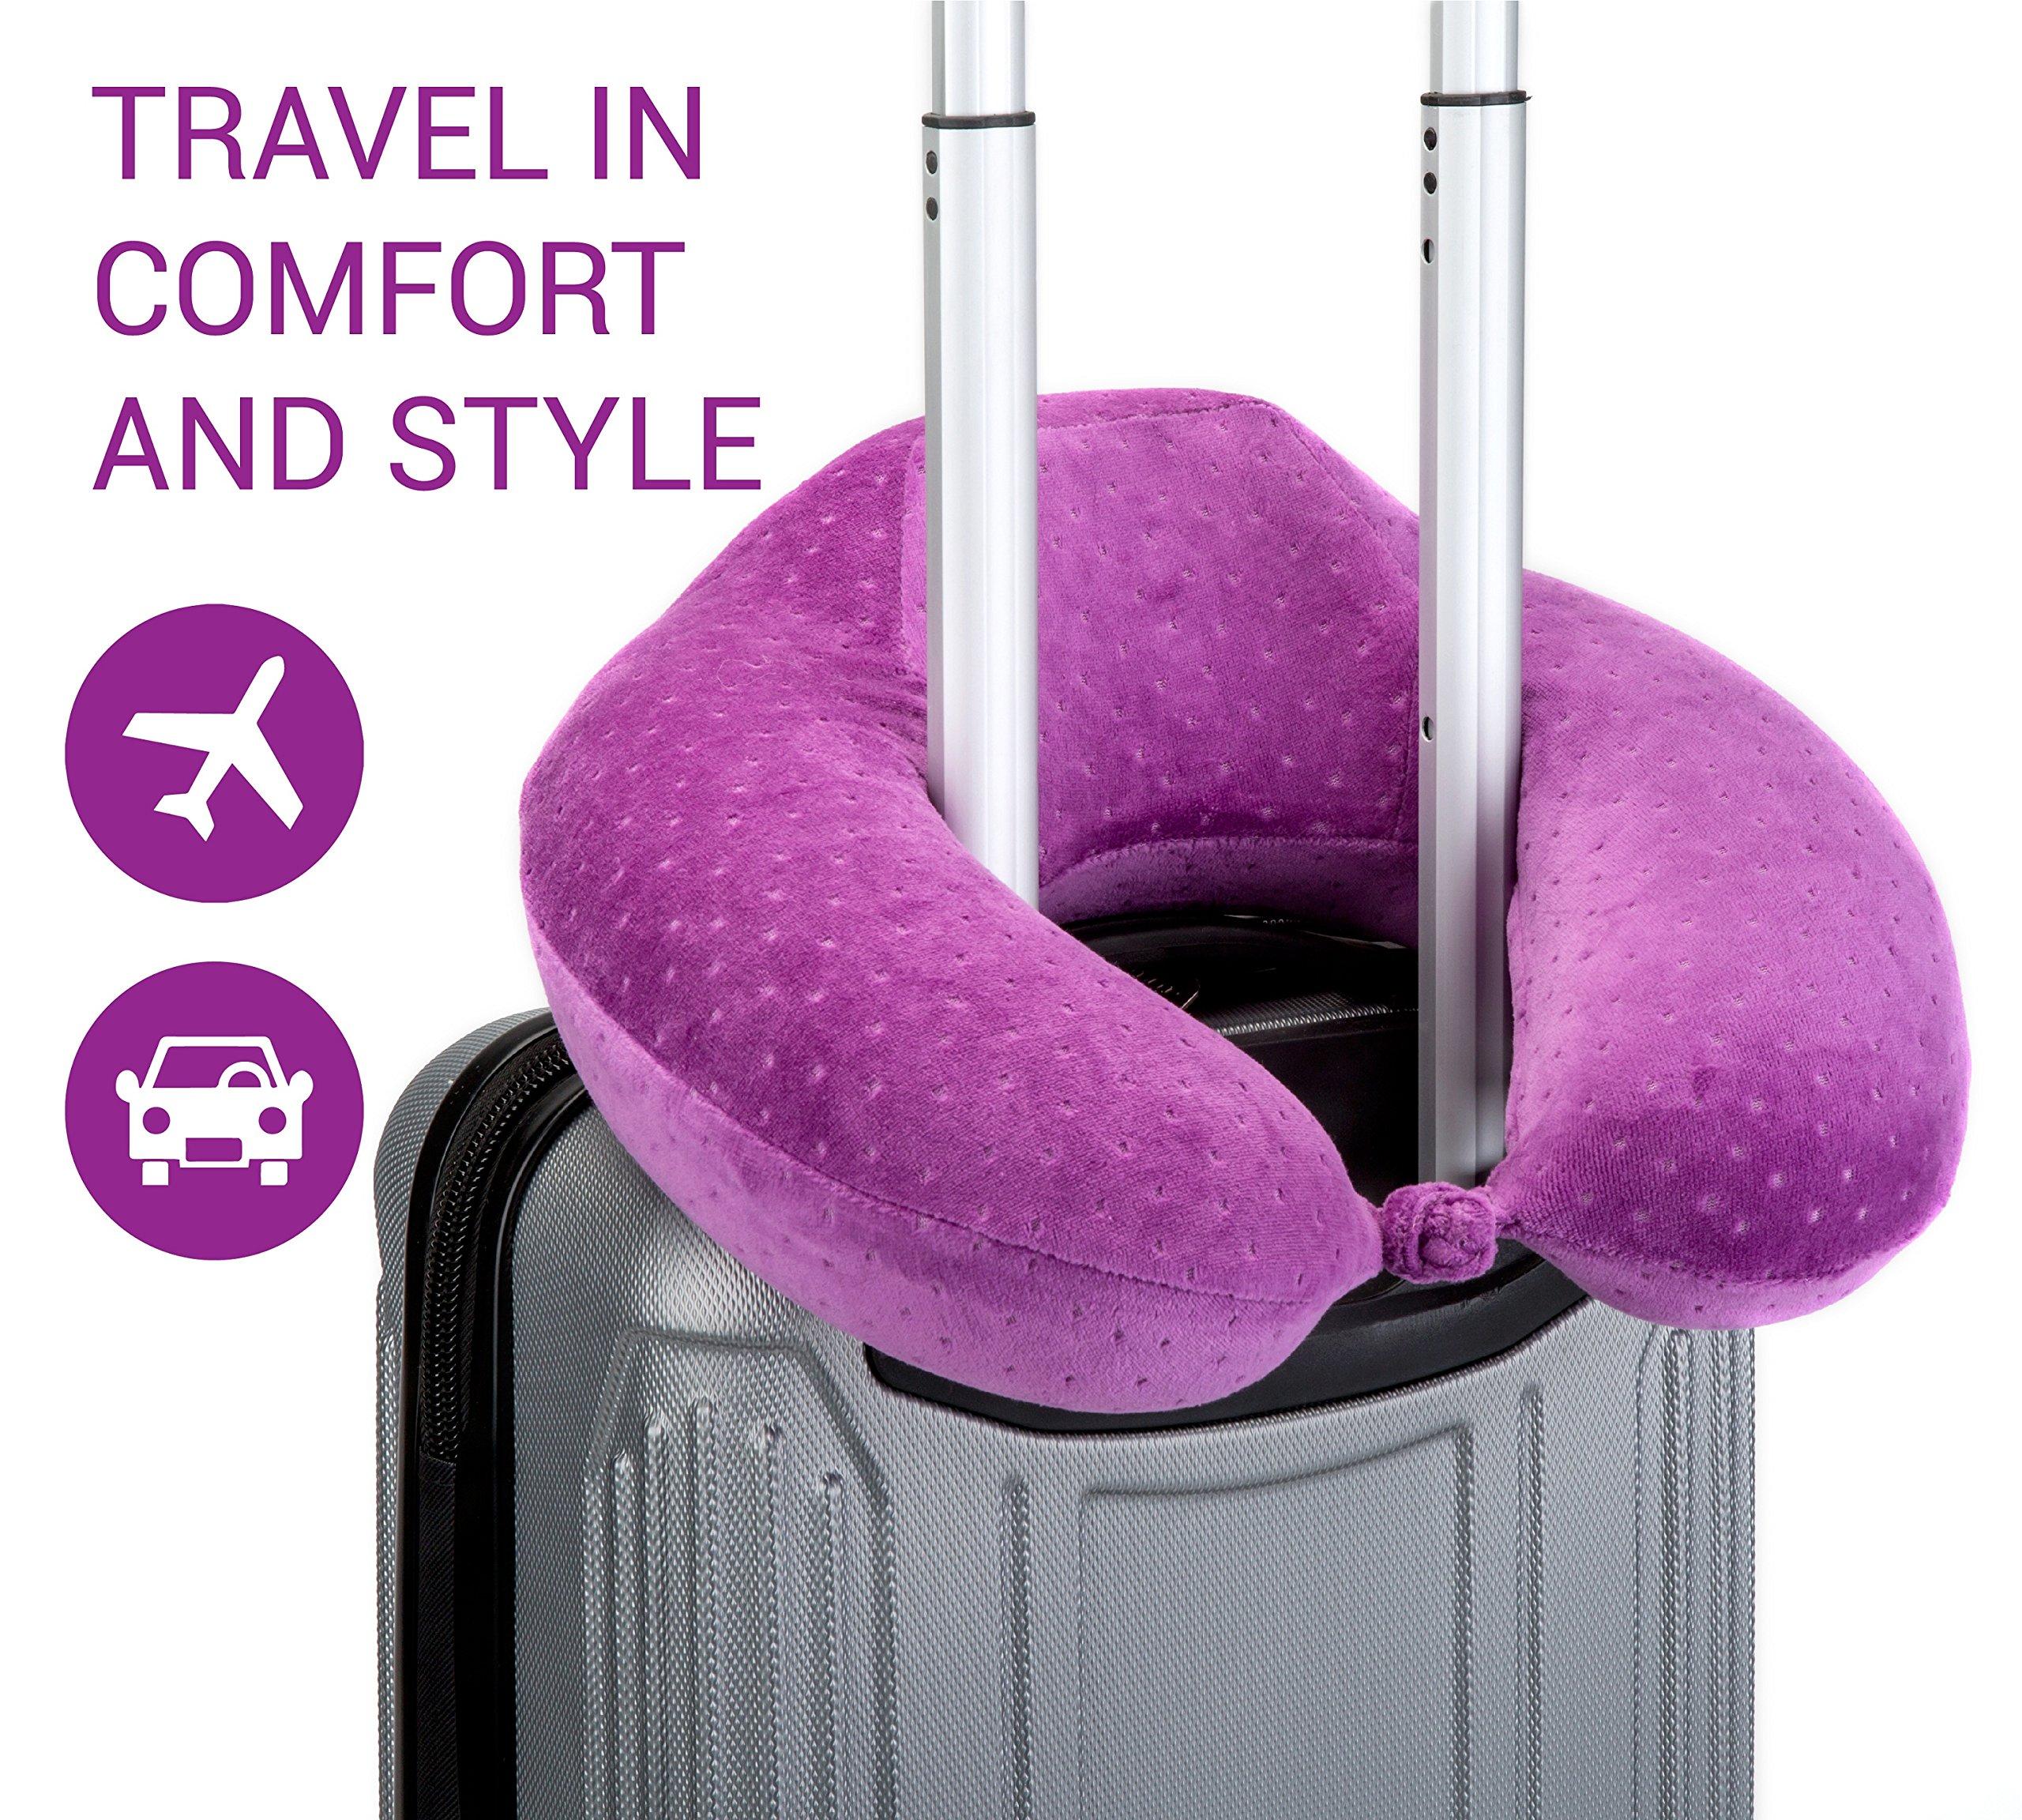 OPUL Almohada Viaje de Espuma Viscoelastica - Reposacabezas Patentado para Vuelos y Viajes, con una Funda Suave de Terciopelo Transpirable, Fácil de Lavar Almohada Cervical - Neck Pillow